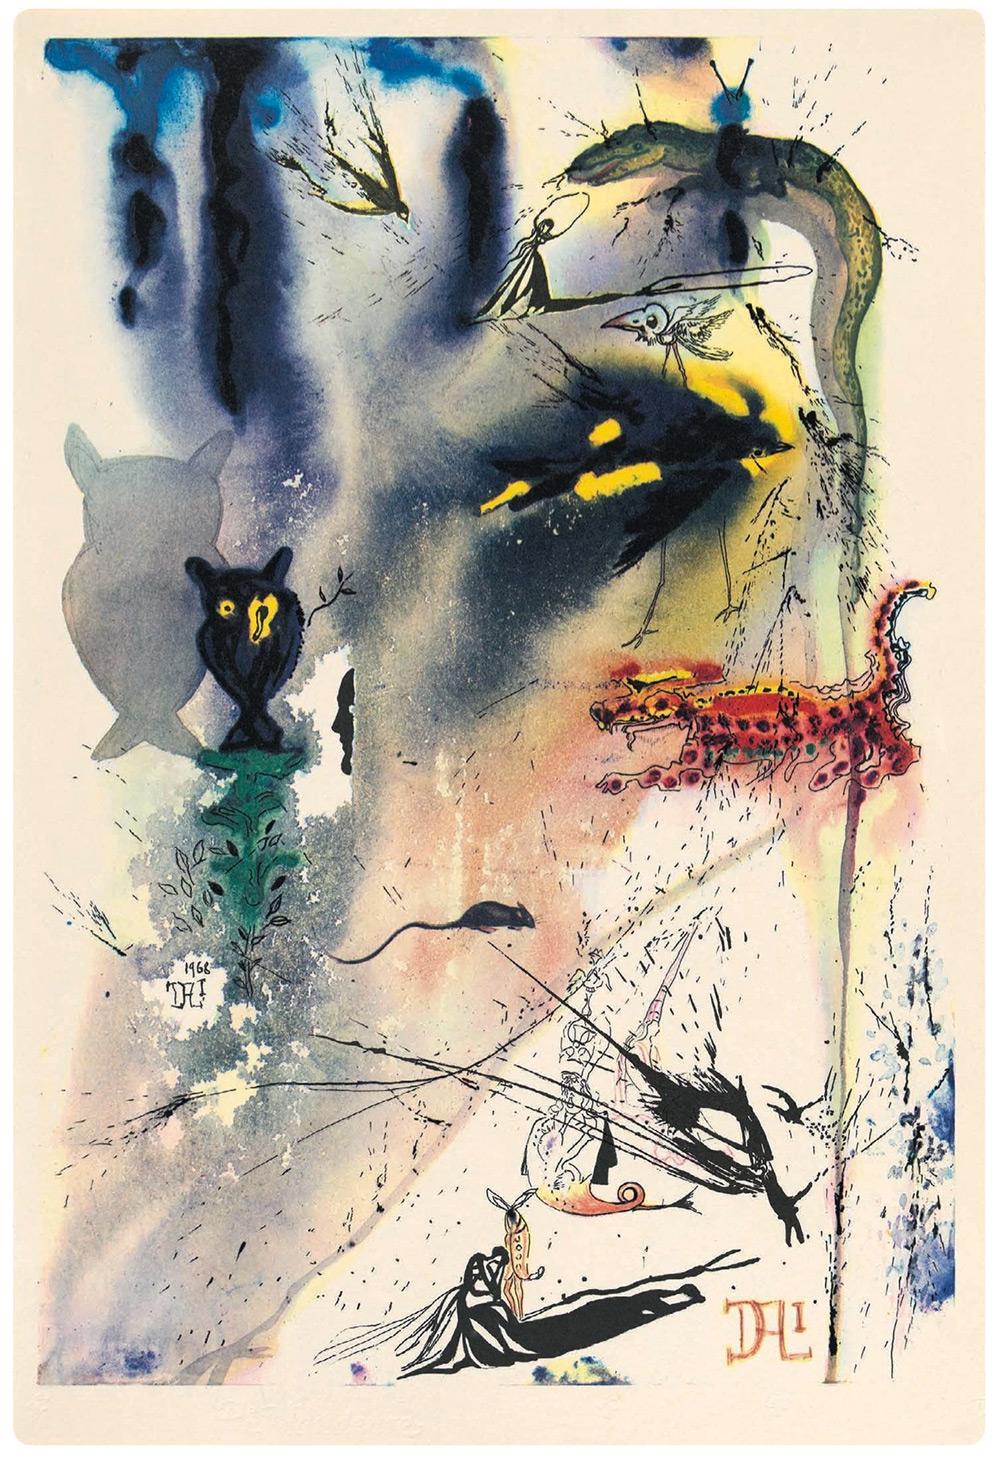 Иллюстрации Сальвадора Дали к книге Л. Кэрролла «Алиса в стране чудес»